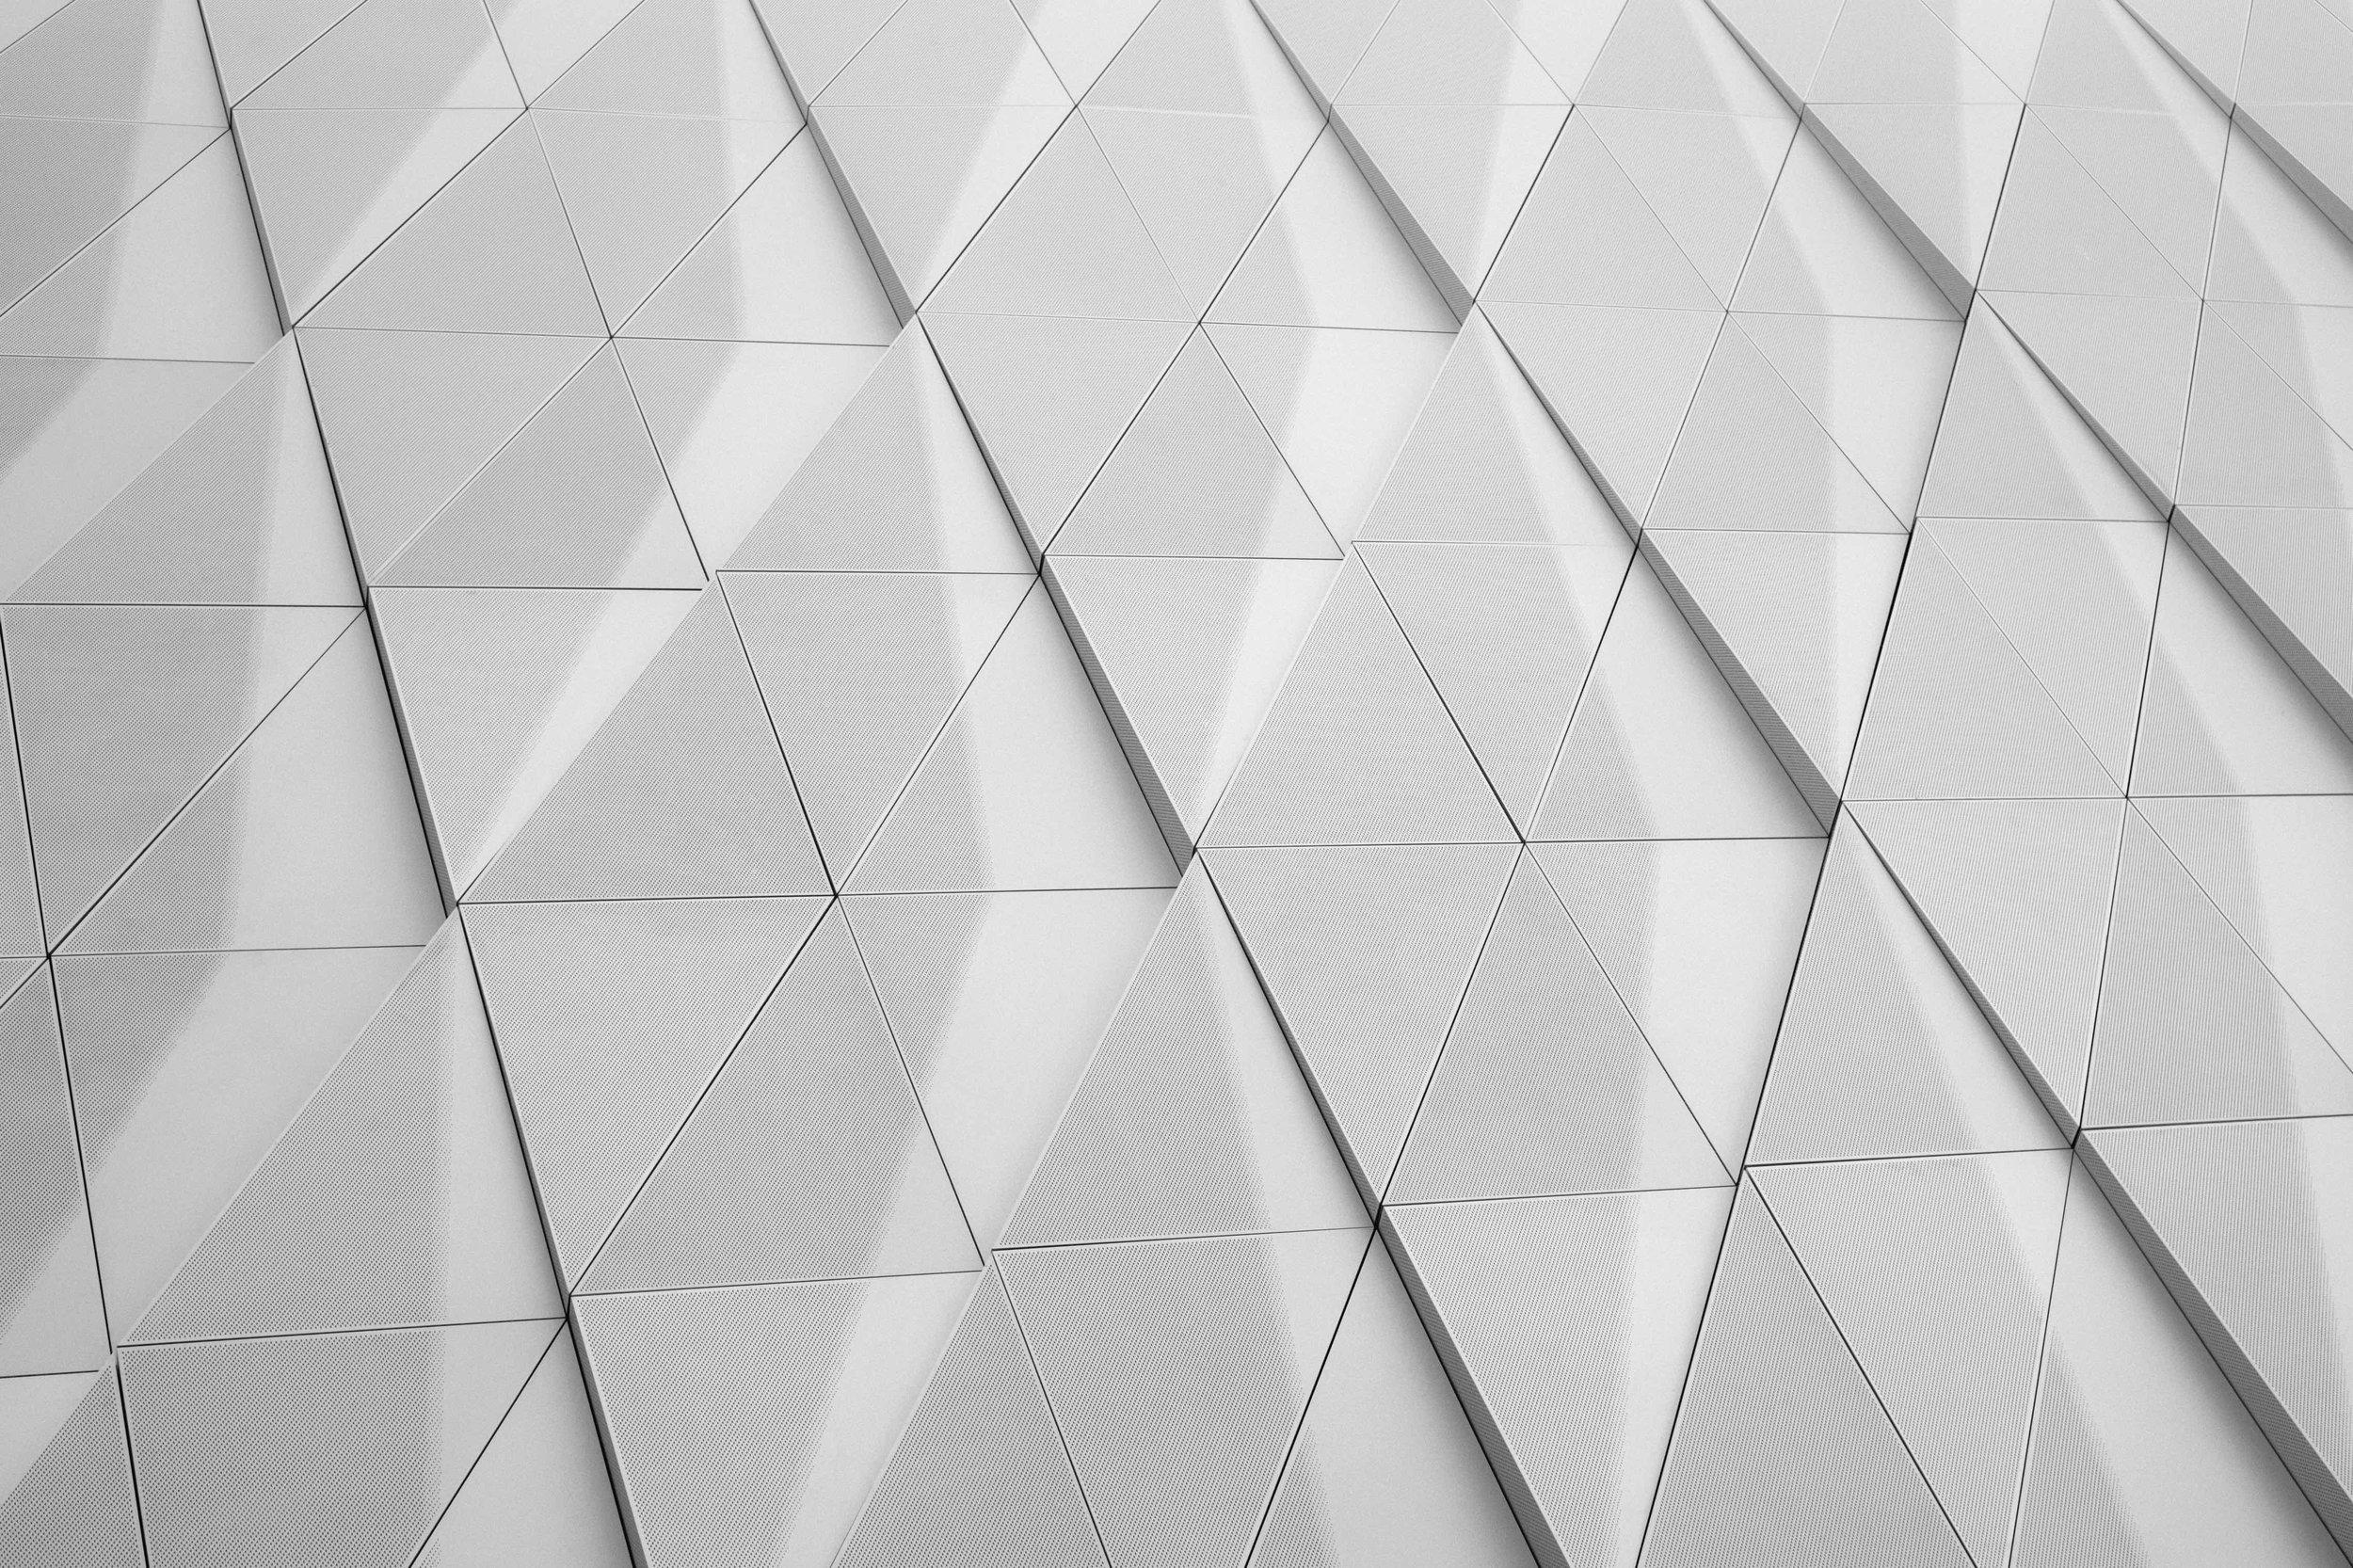 ¿A quién está dirigido? - El seminario Ser Digital en Seguros está dirigido a gerentes de tecnología y estrategia en empresas de seguros que quieran usar la tecnología como habilitador de negocios, además de afianzar, profundizar y ampliar sus conocimientos sobre InsureTech.